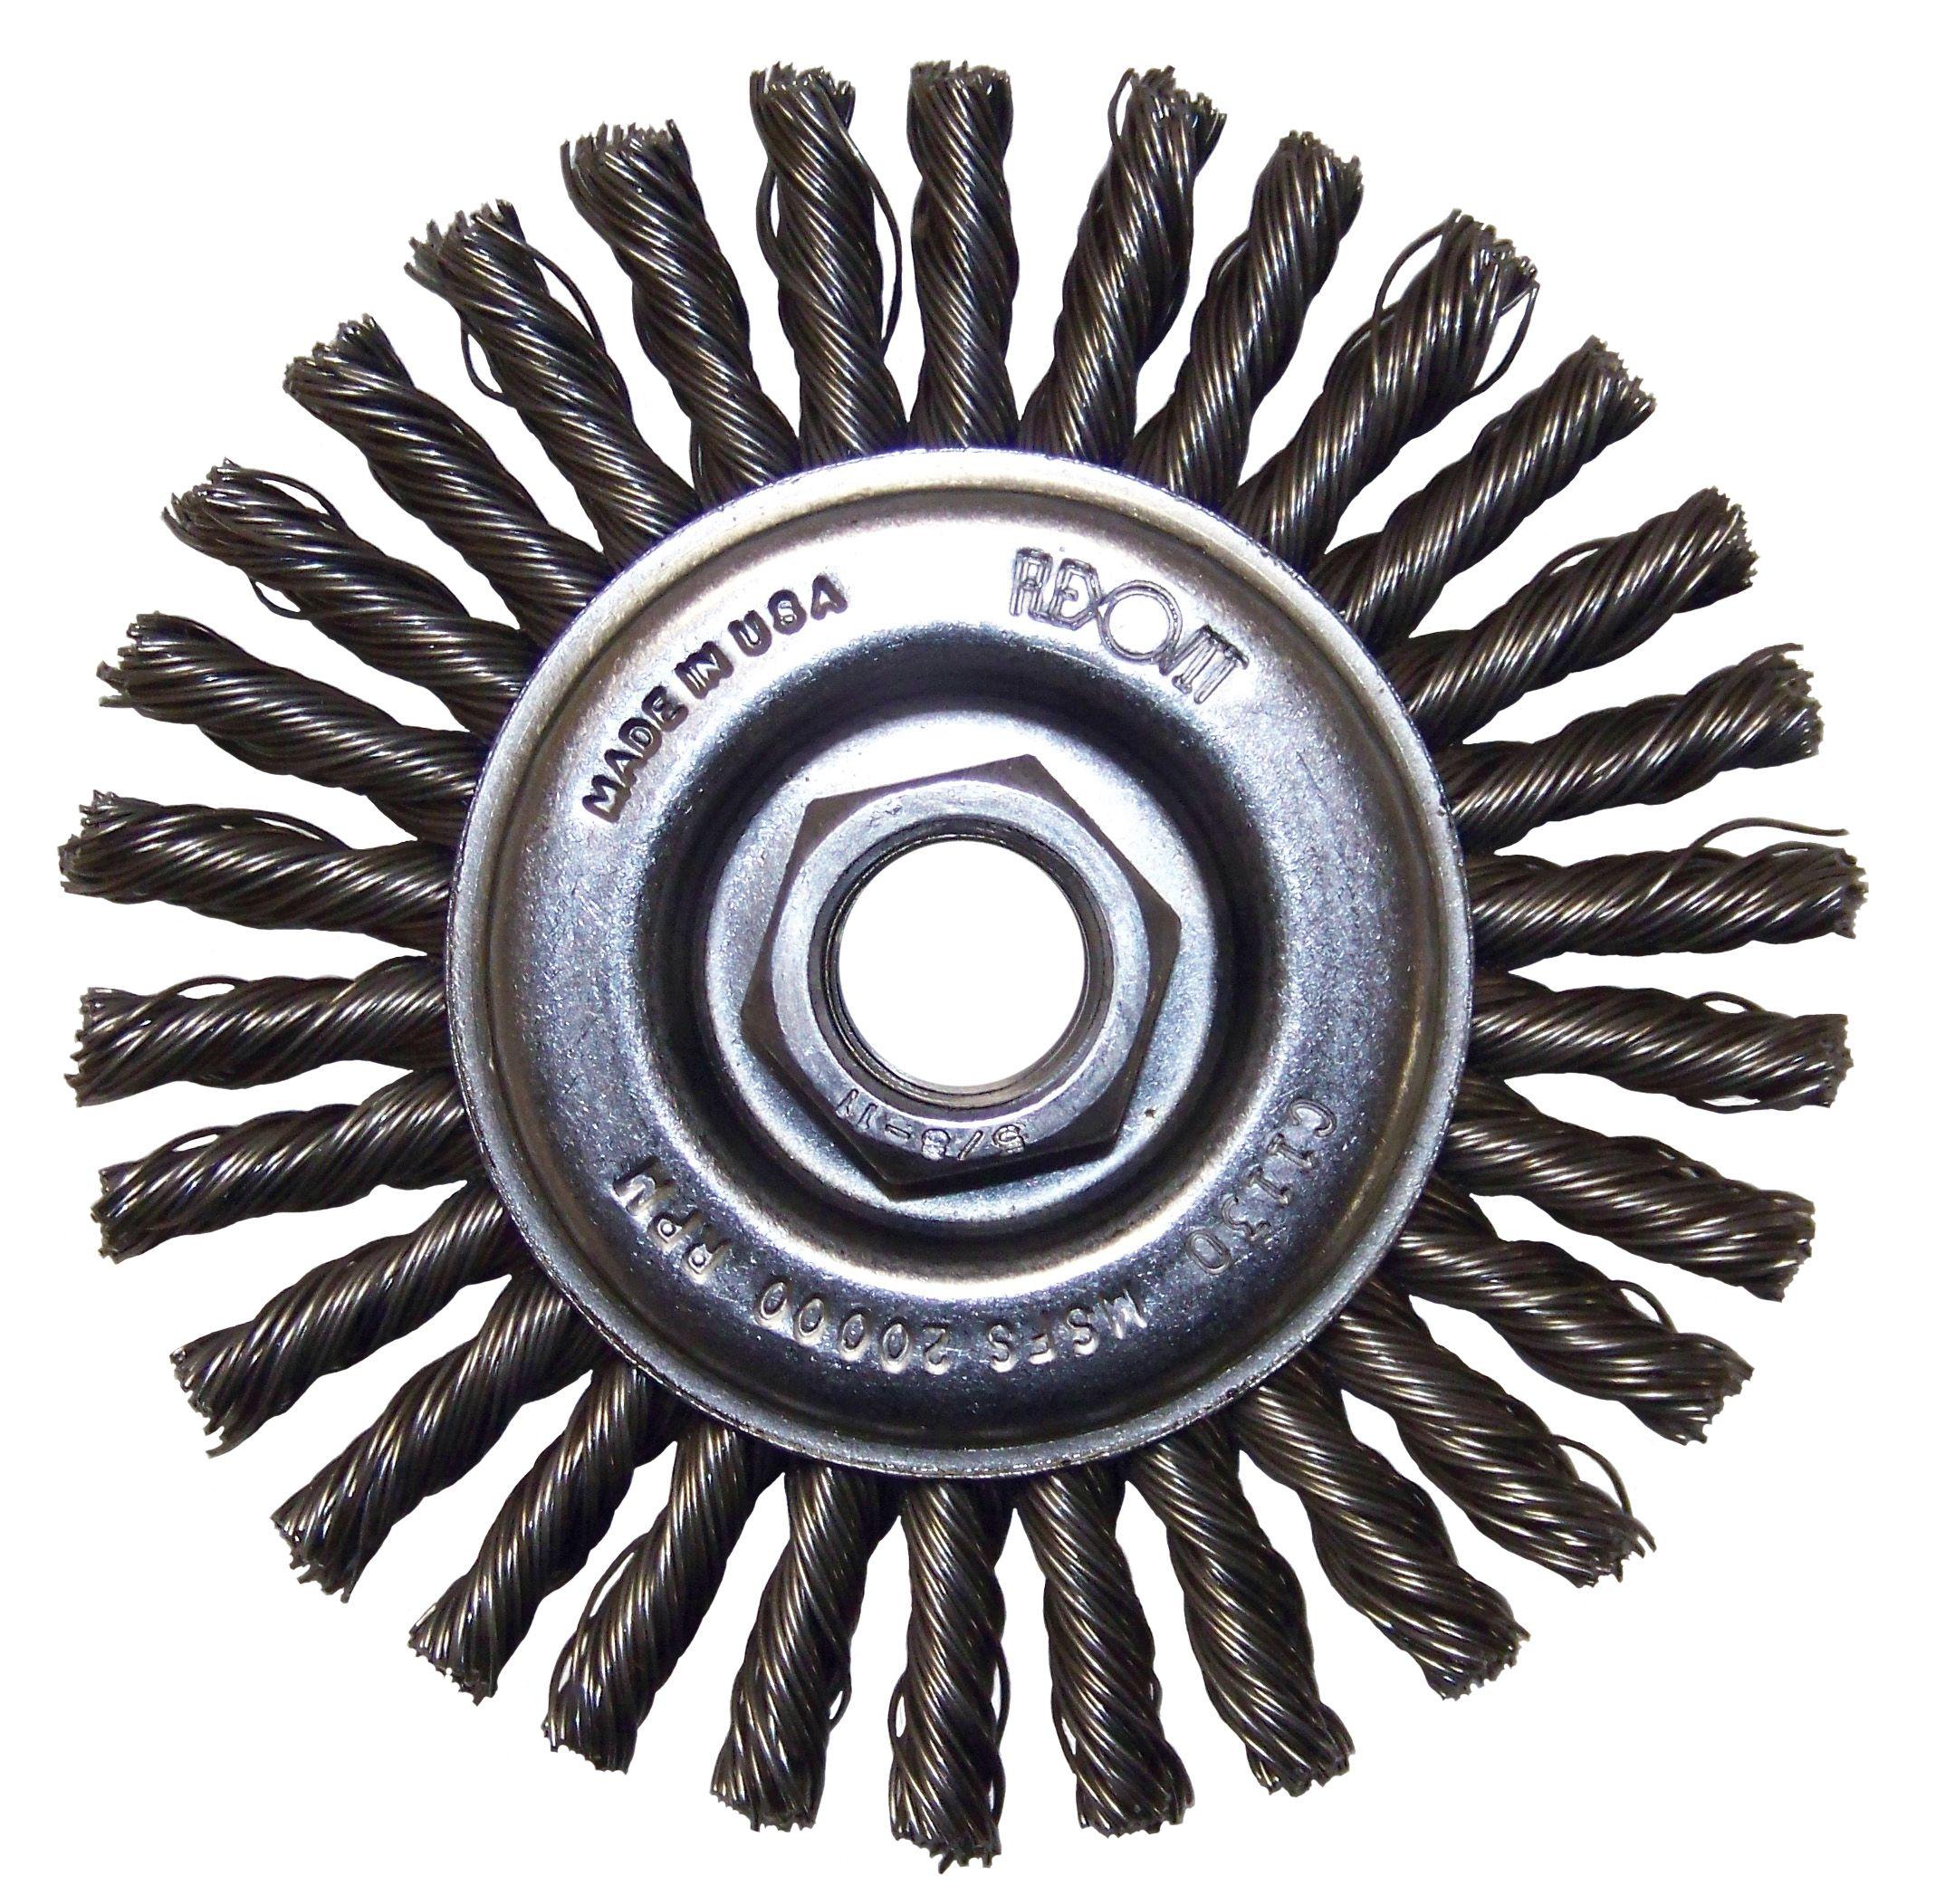 Flexovit C1210 Brosse nouée circulaire 4